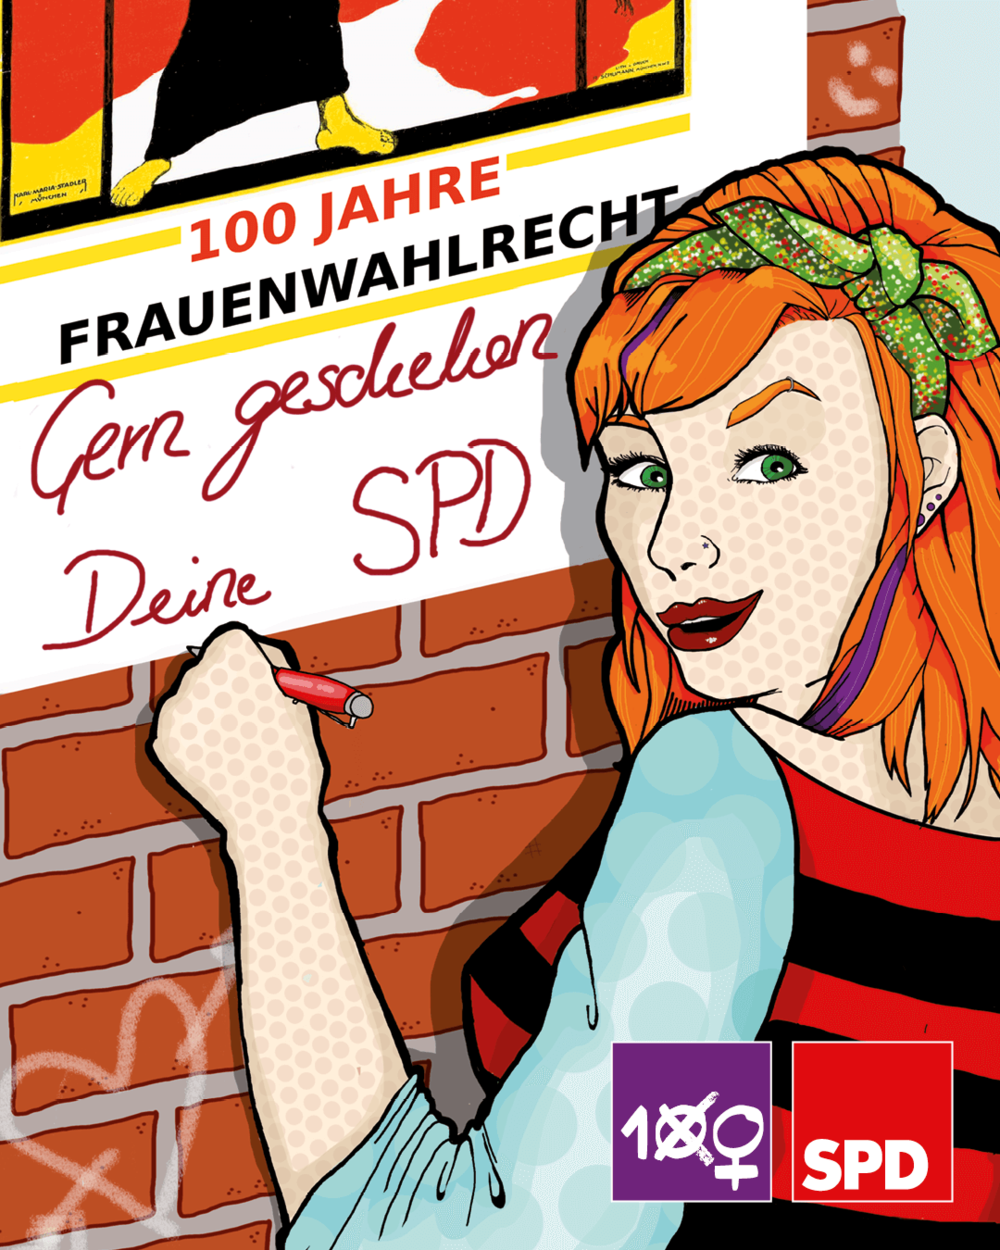 FB_Kachel_Frauenwahlrecht_2018_1080x1350_RZ.png